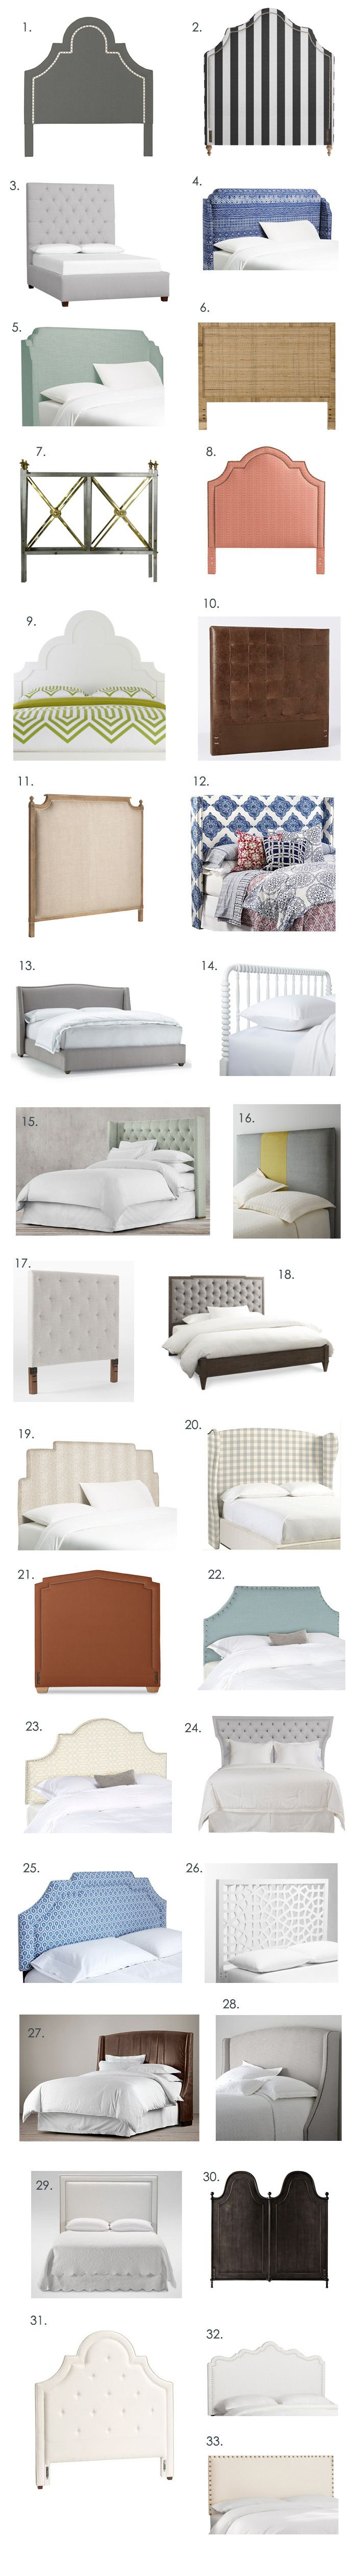 Top 25 Best Bed Backboard Ideas On Pinterest White